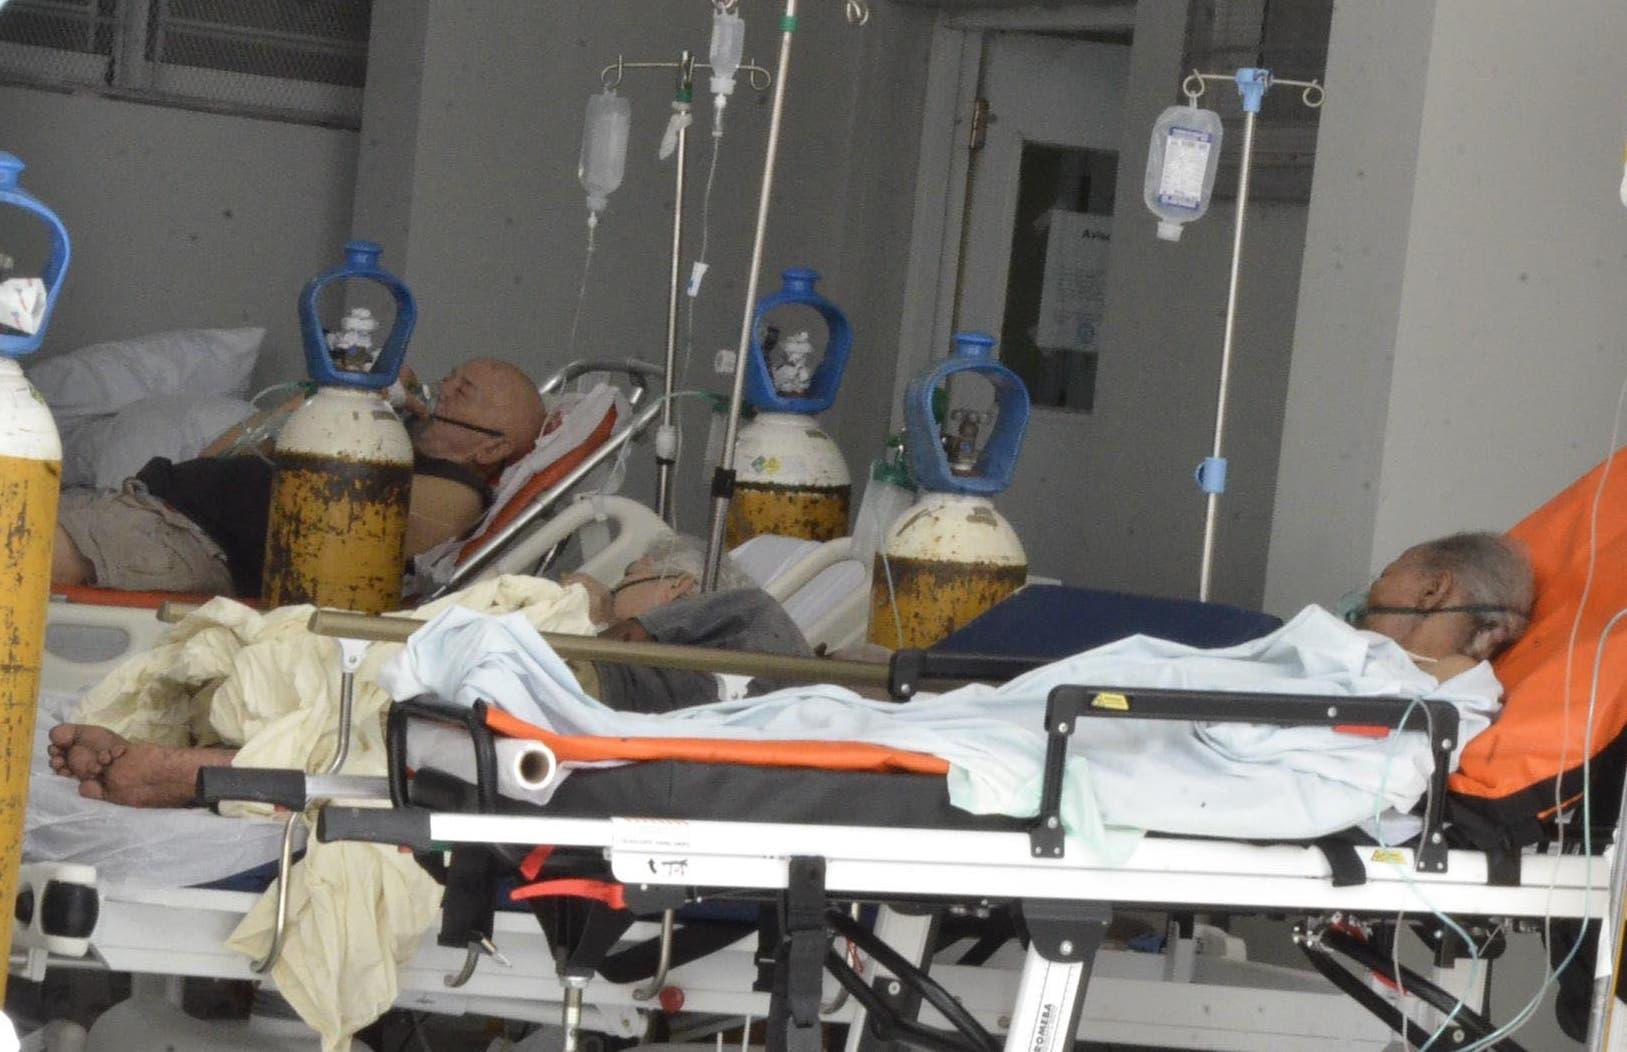 El elevado costo pagado por pacientes Covid sin seguro